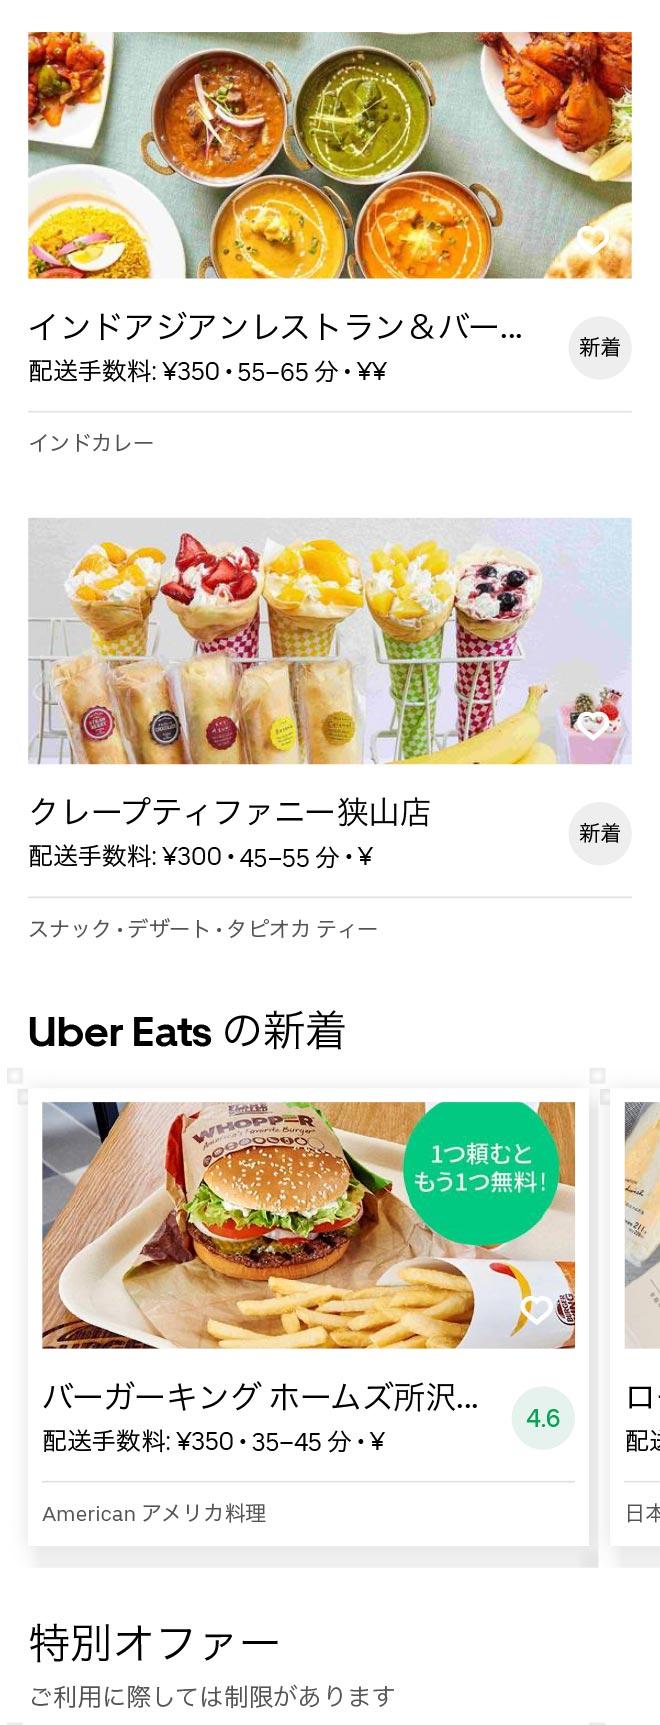 Iriso menu 2010 03